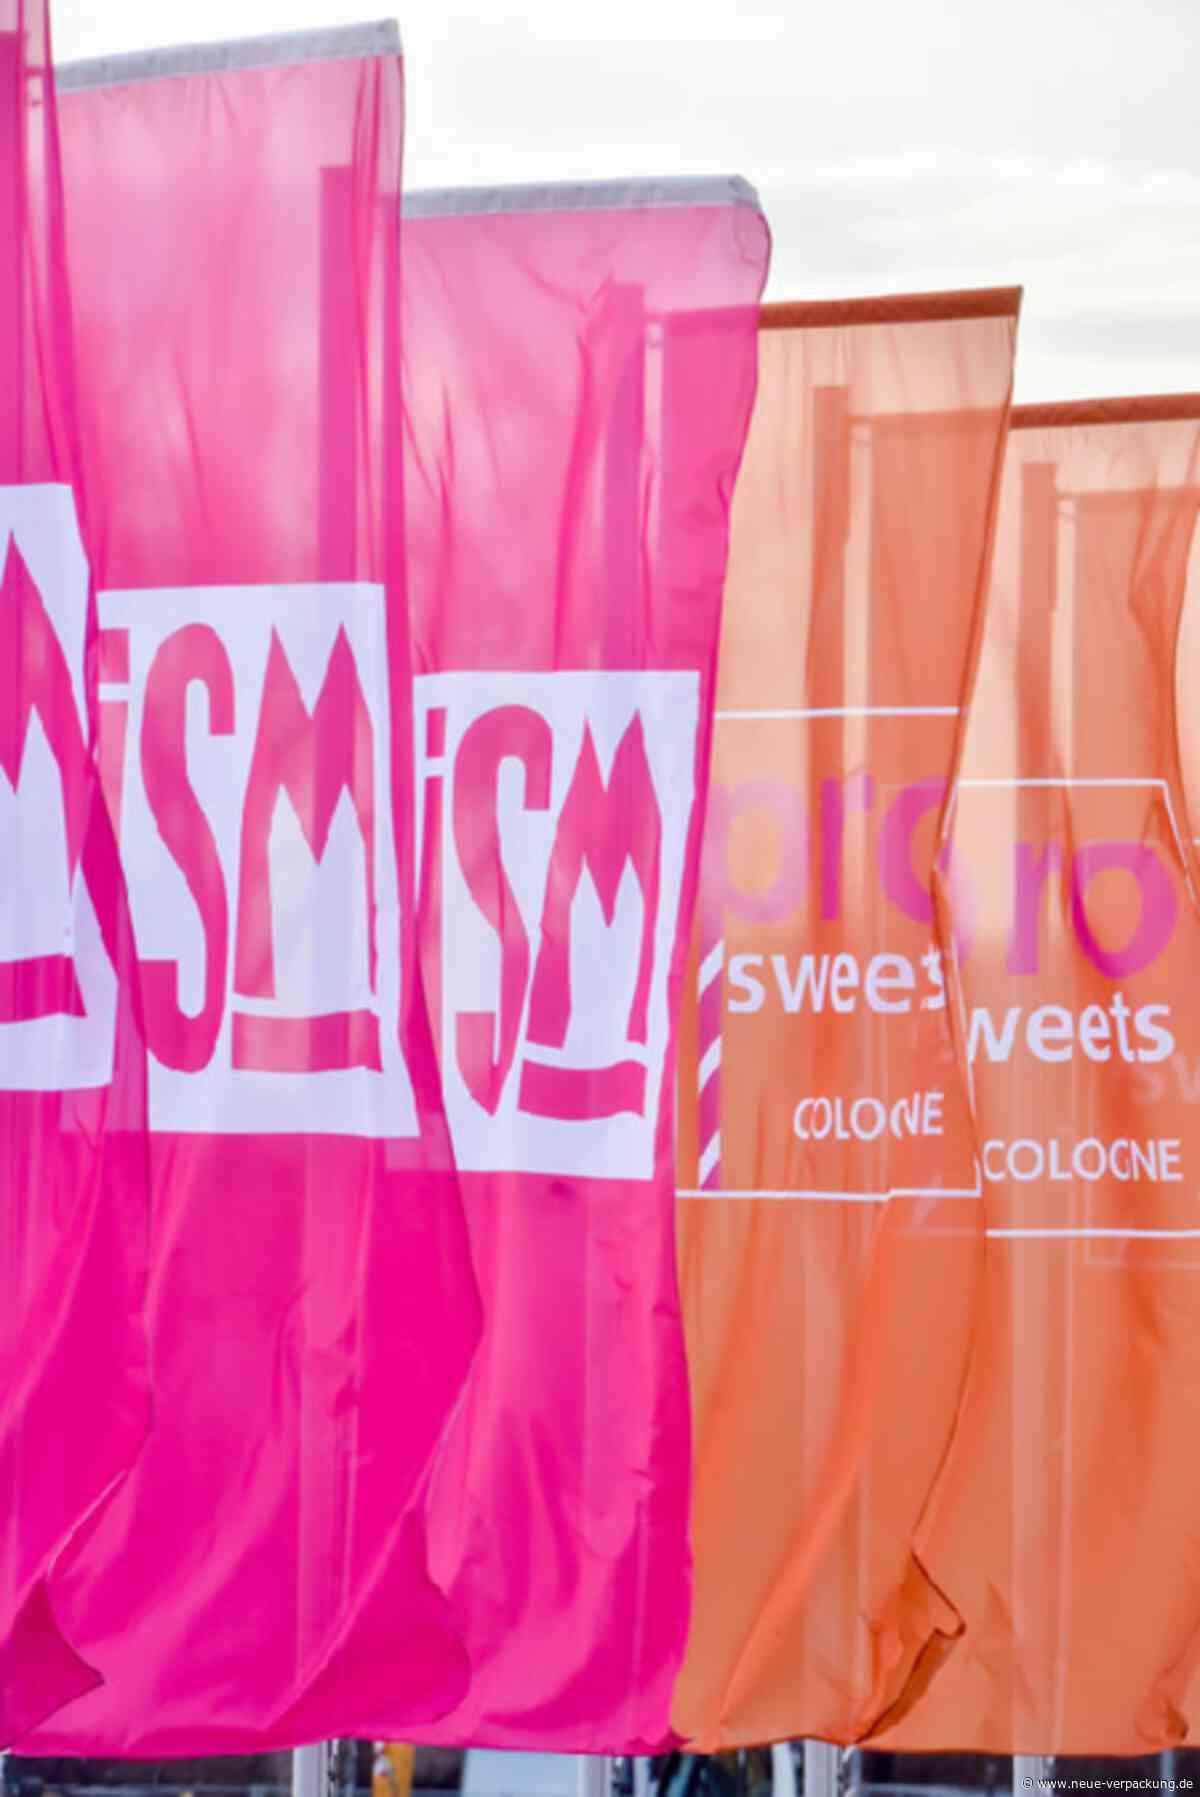 Gute Vorzeichen für die Pro Sweets Cologne 2022 nach Frühbucherphase - neue verpackung